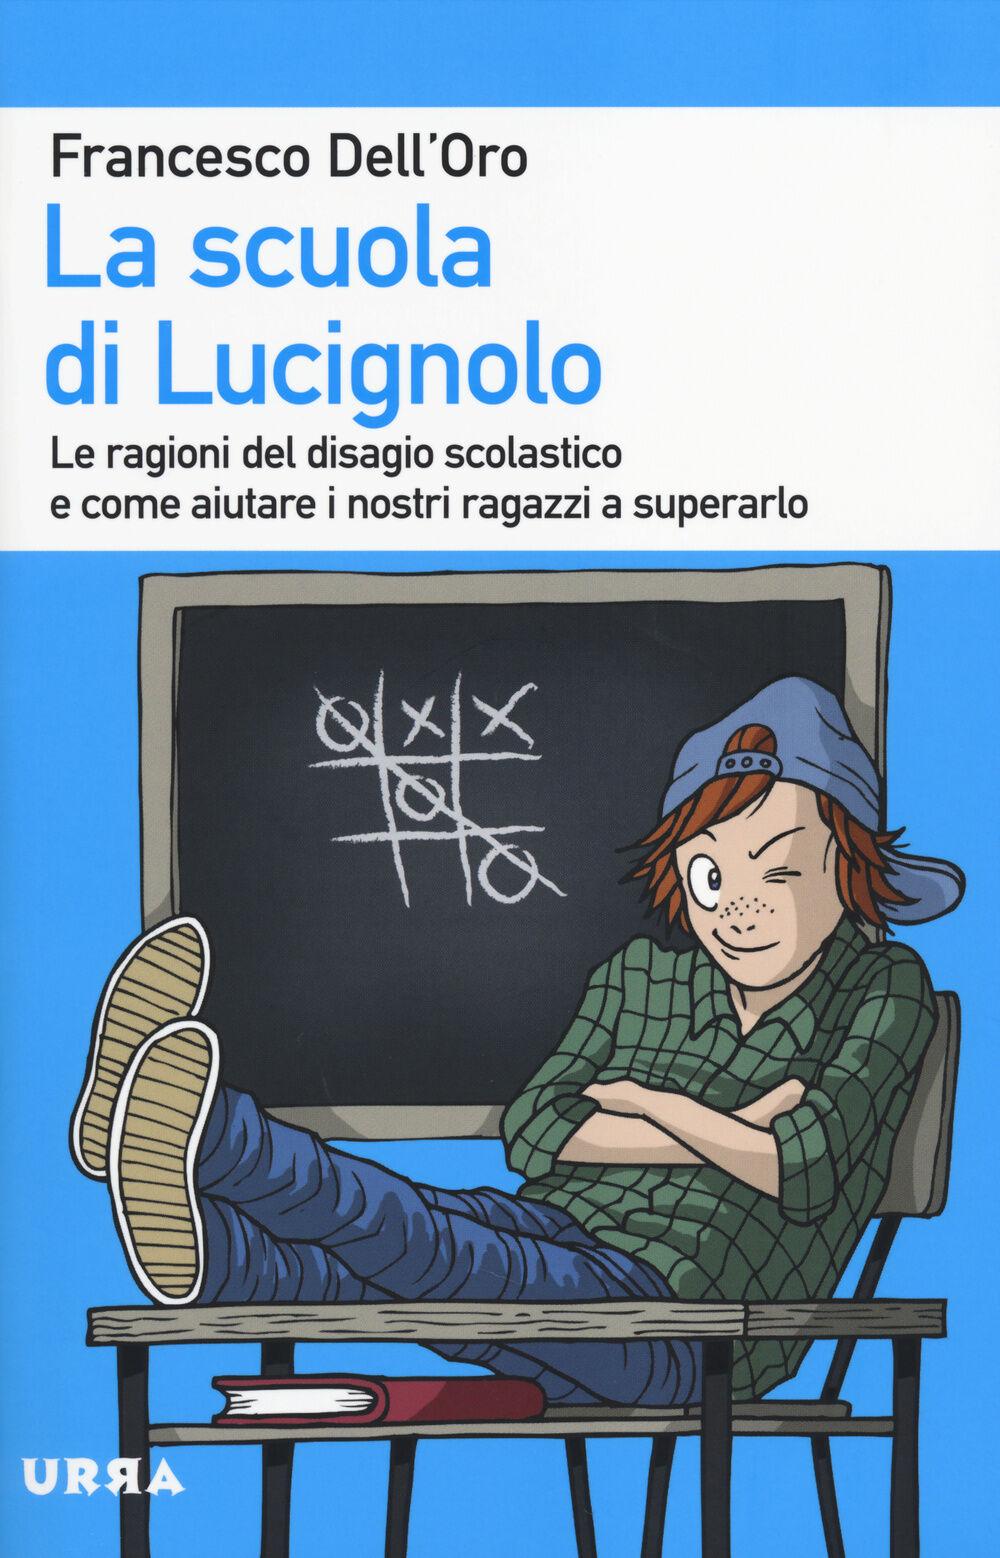 La scuola di Lucignolo. Le ragioni del disagio scolastico e come aiuta re i nostri figli a superarlo